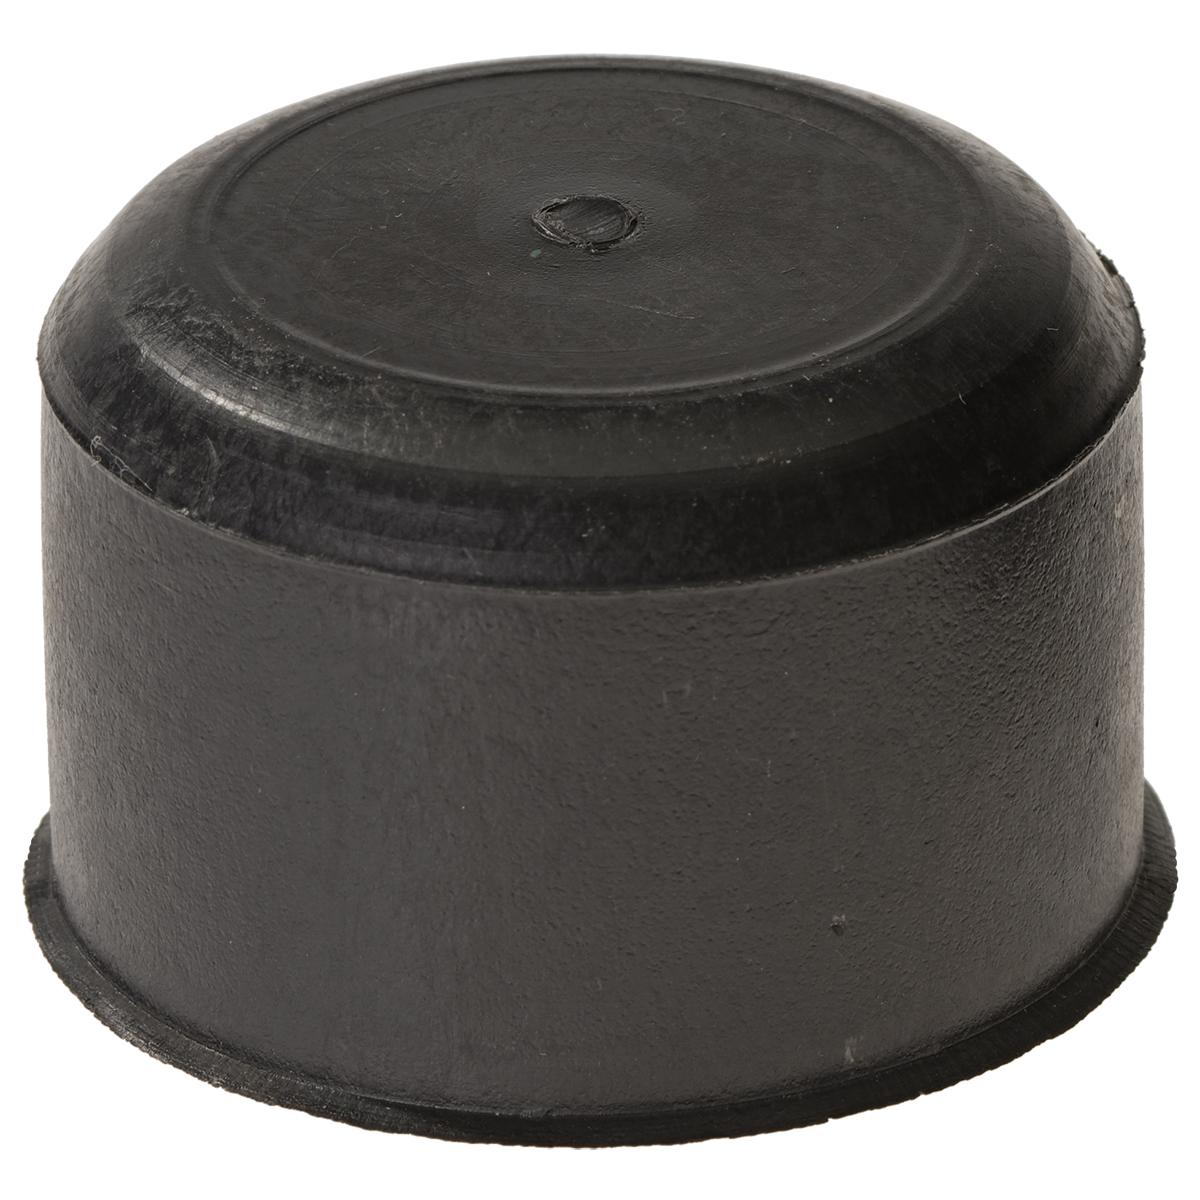 50 Stk. Abdeckkappe für Holzpfähle Ø 6cm Zaunkappe Pfostenabdeckung Schutzkappe